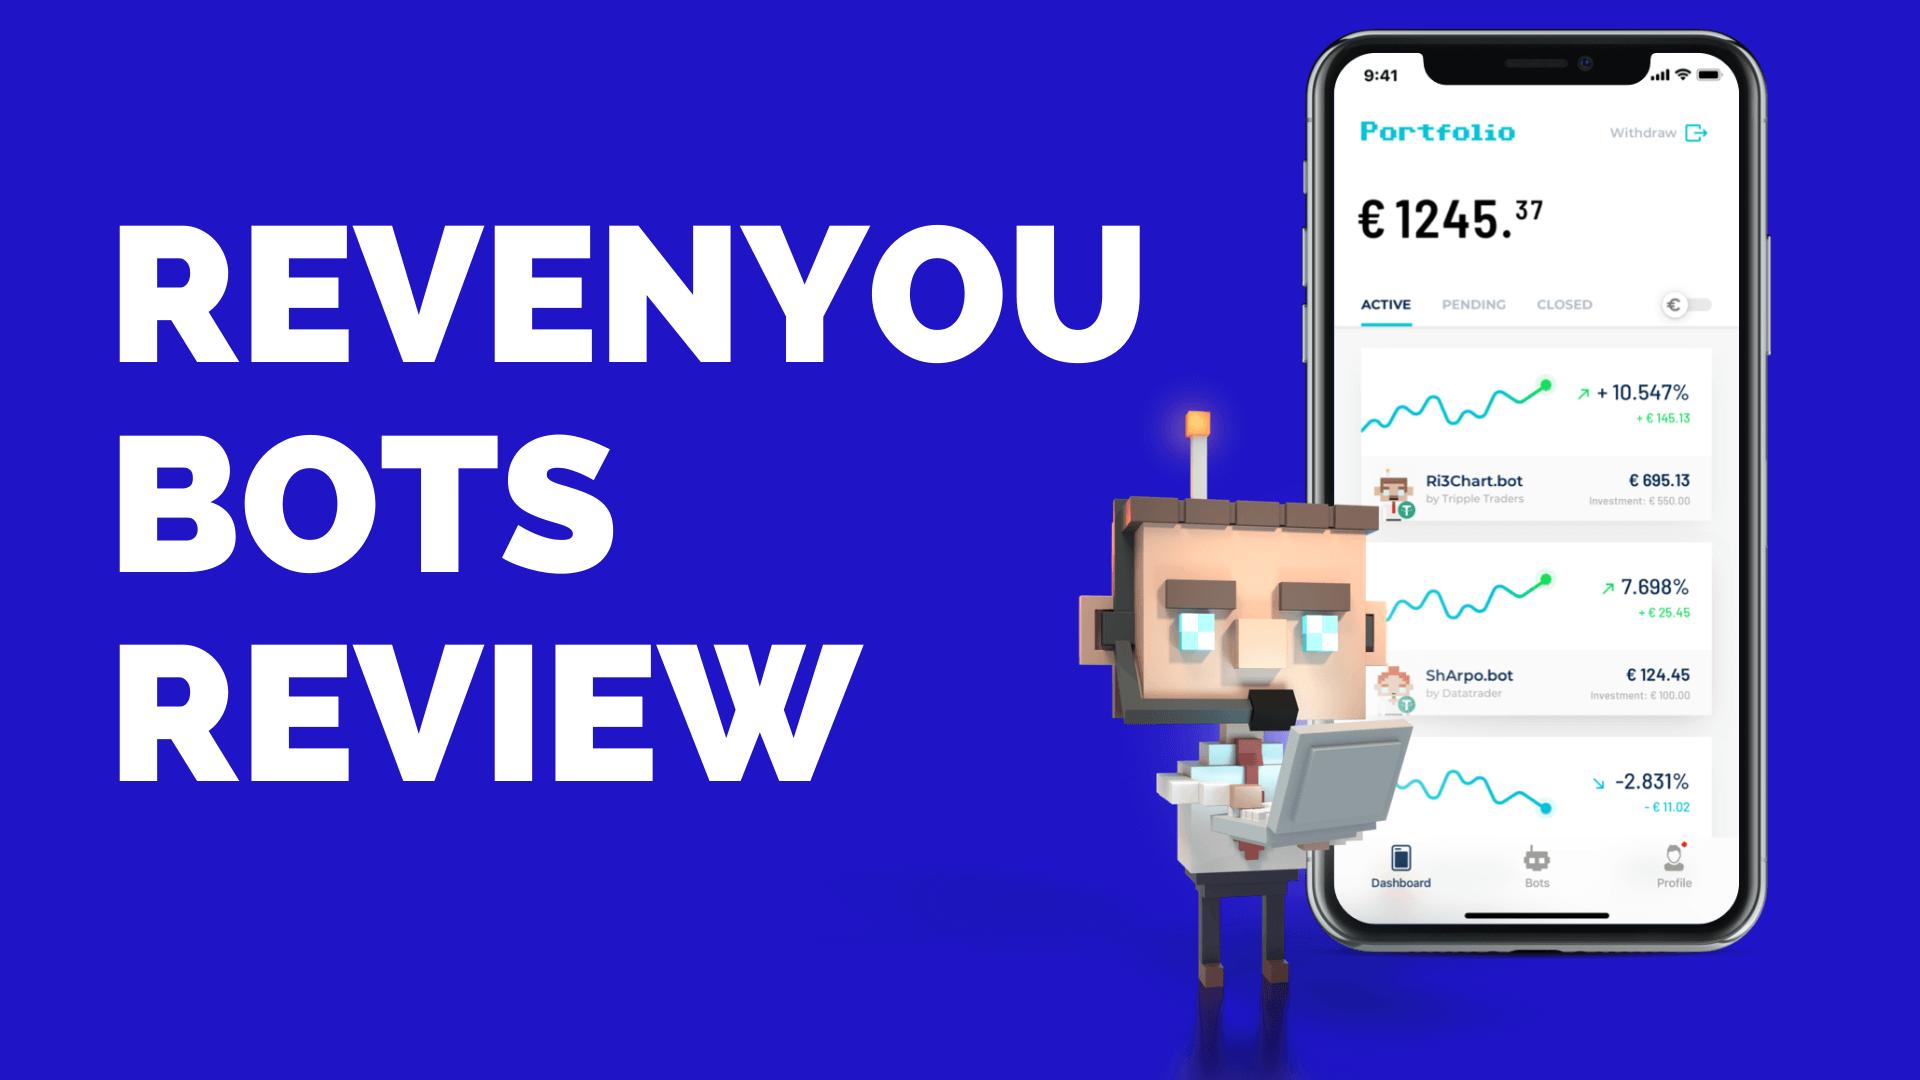 Revenyou BOTS Review | Wat is het en hoe werkt het?